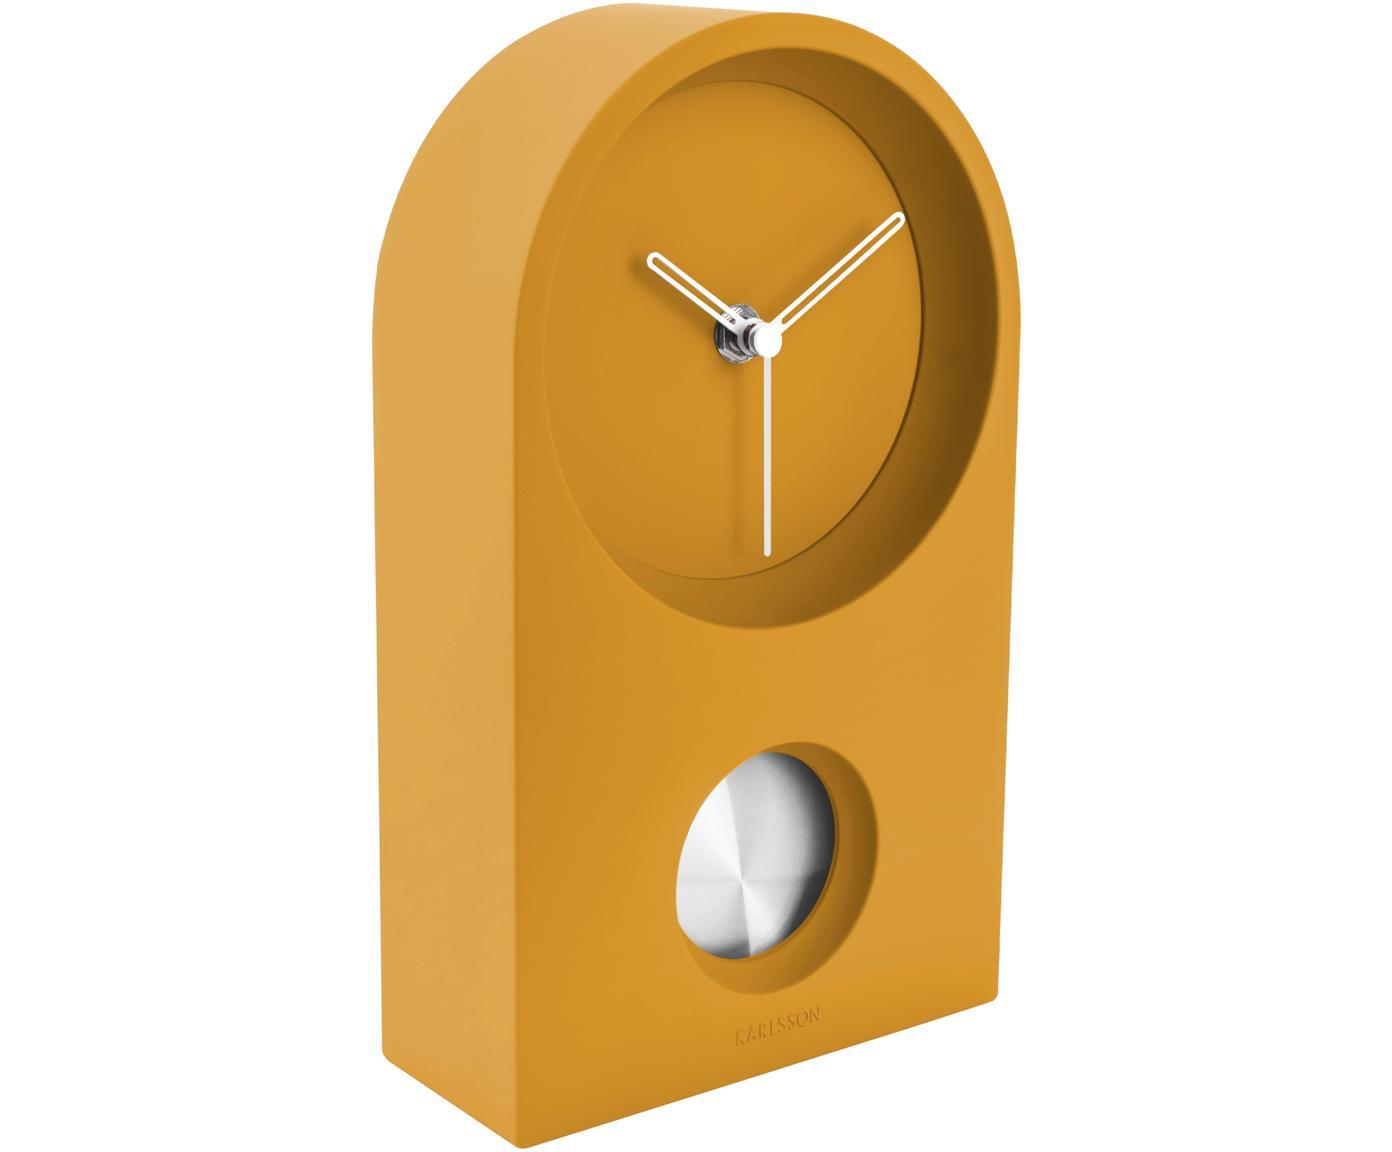 Tischuhr Taut, Kunststoff (ABS), Gelb, Silberfarben, 15 x 25 cm